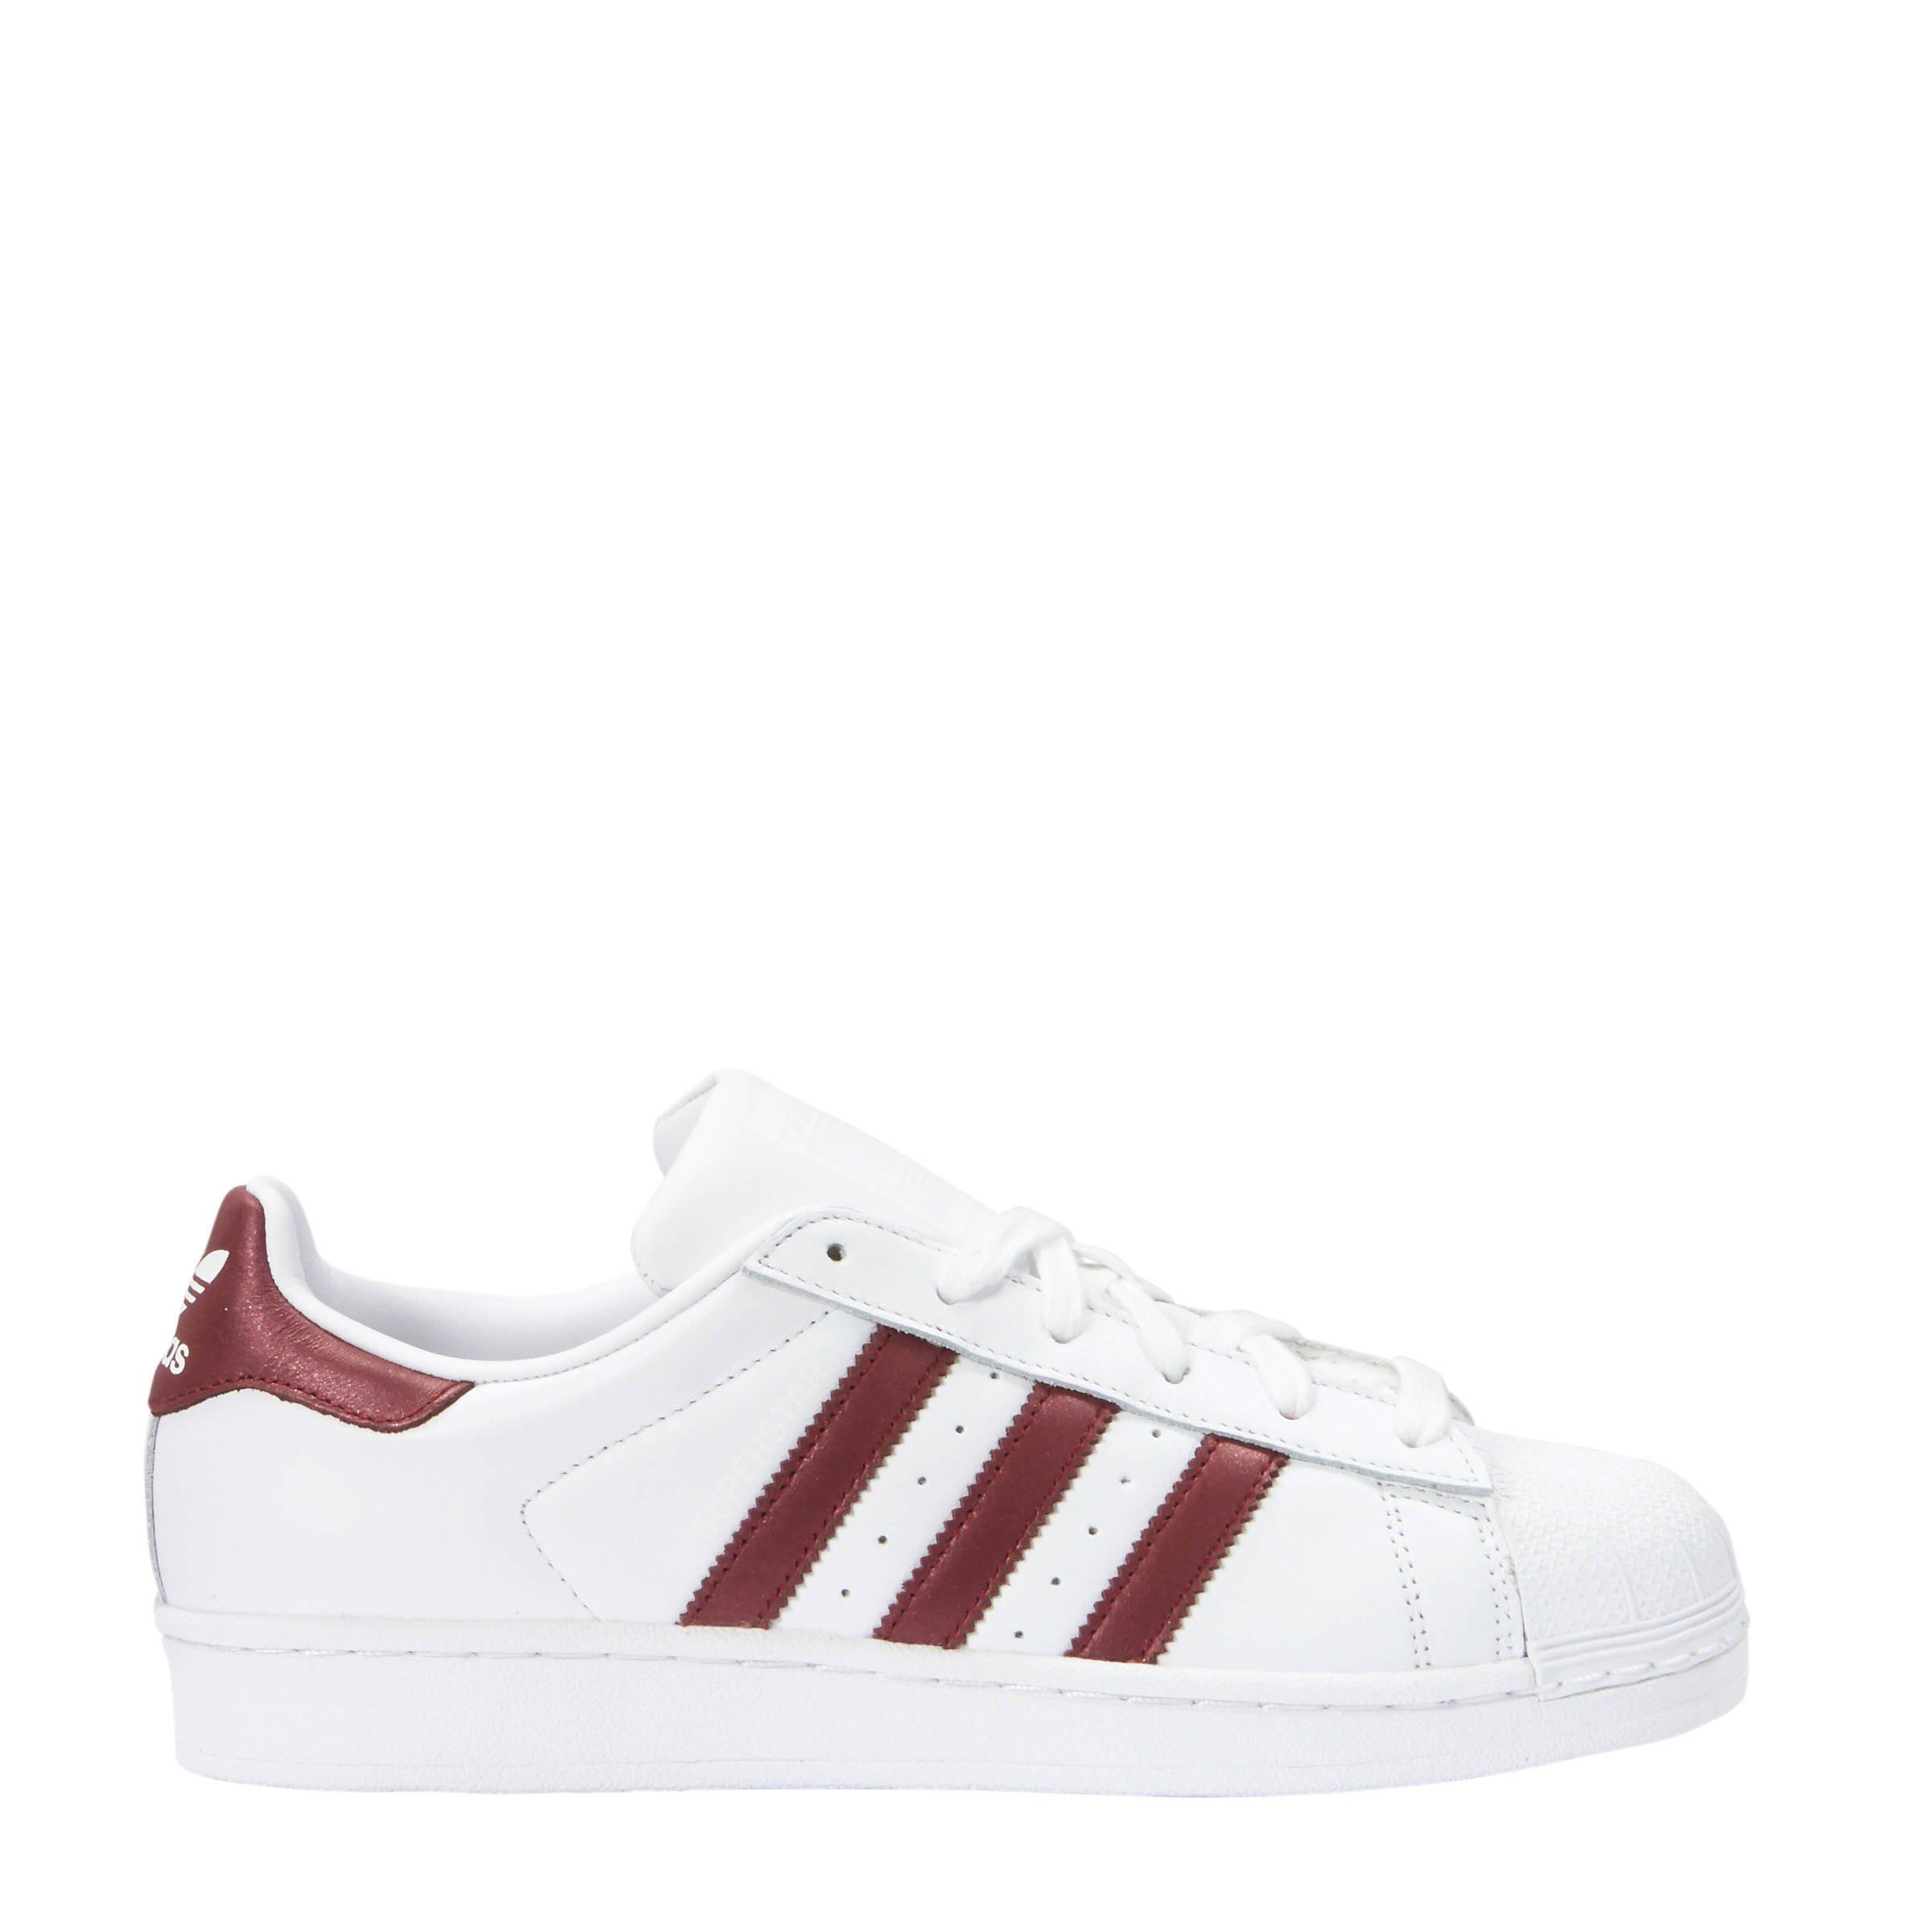 Adidas Witbordeauxrood Sneakers Originals Wehkamp Superstar BqUvSnxB